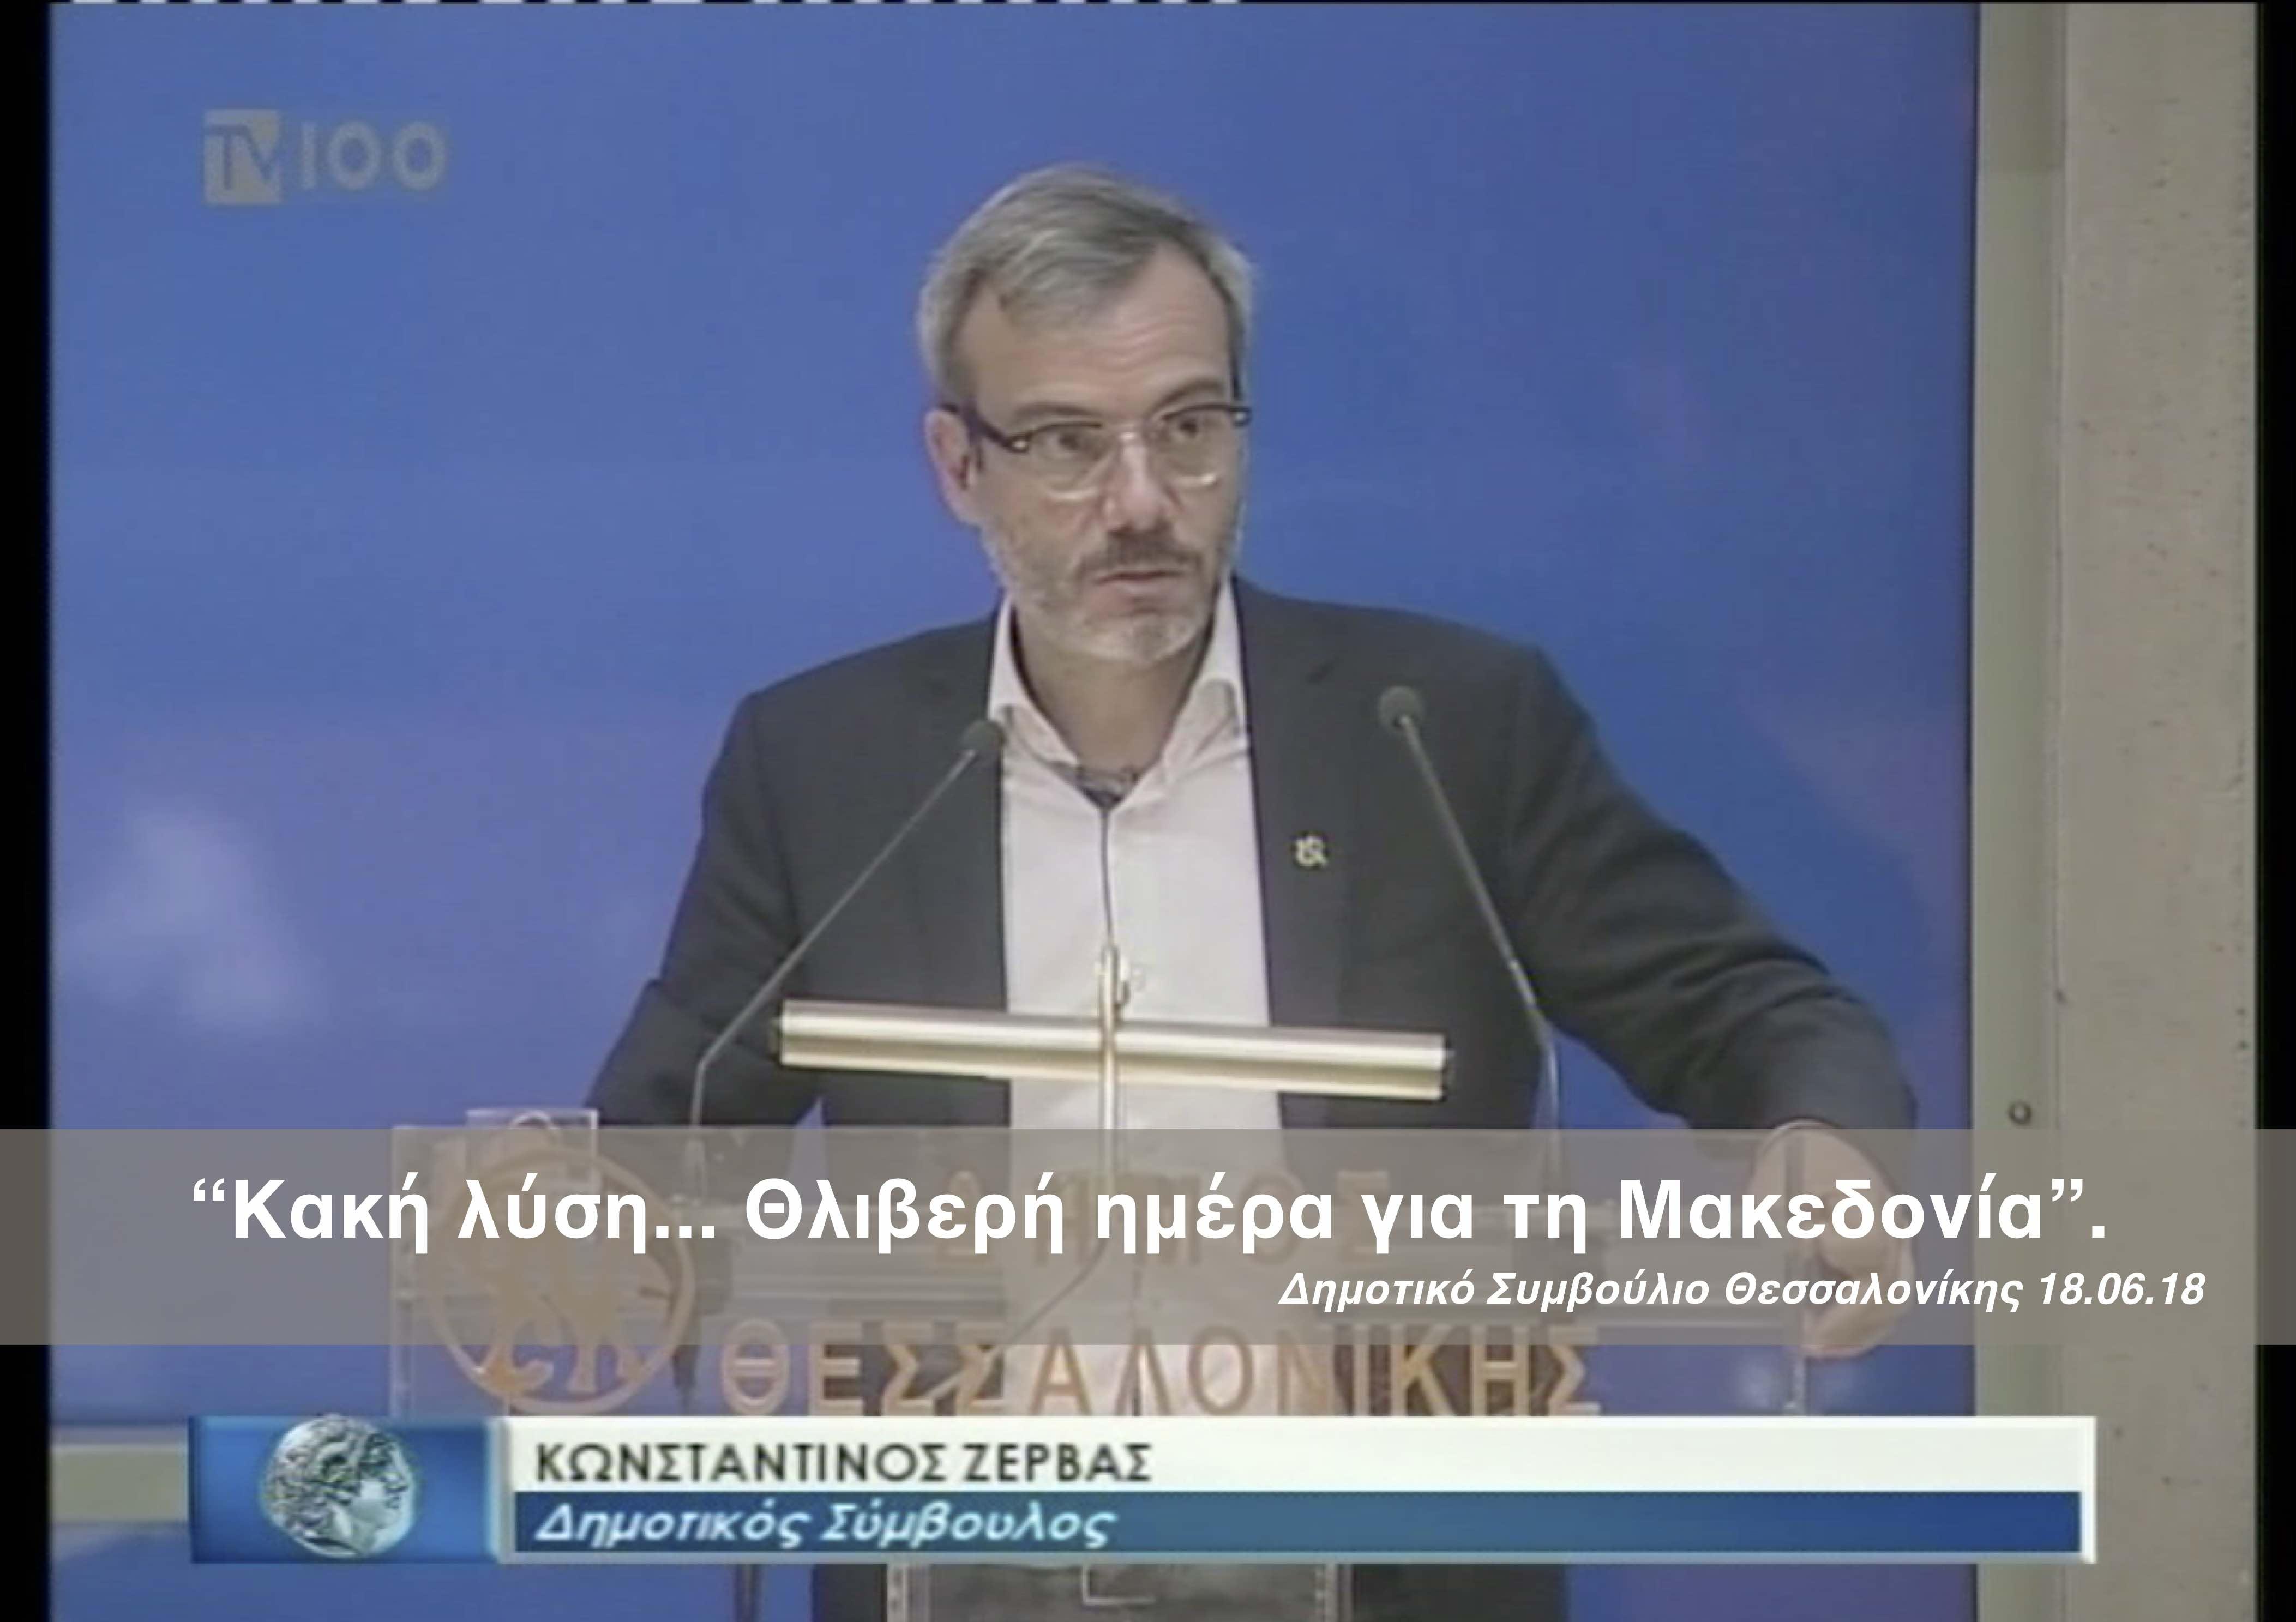 Κακή λύση... Θλιβερή ημέρα για τη Μακεδονία